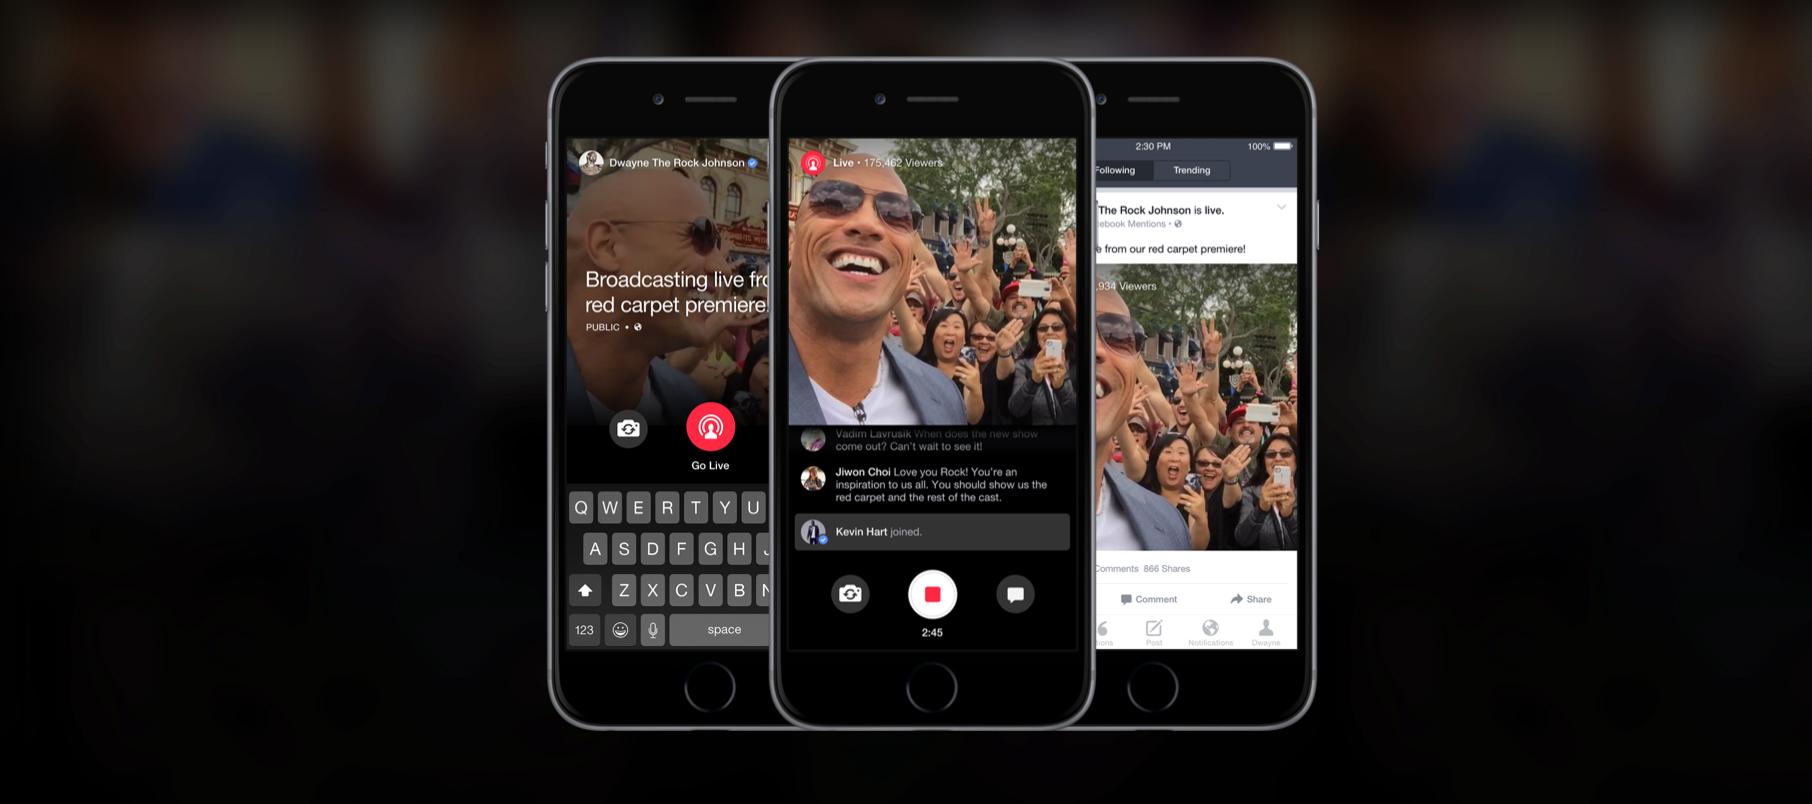 Według Zuckerberga ludzie sukcesu korzystają z iPhone'a. Tak wygląda zamknięta aplikacja Facebooka dla wybrańców